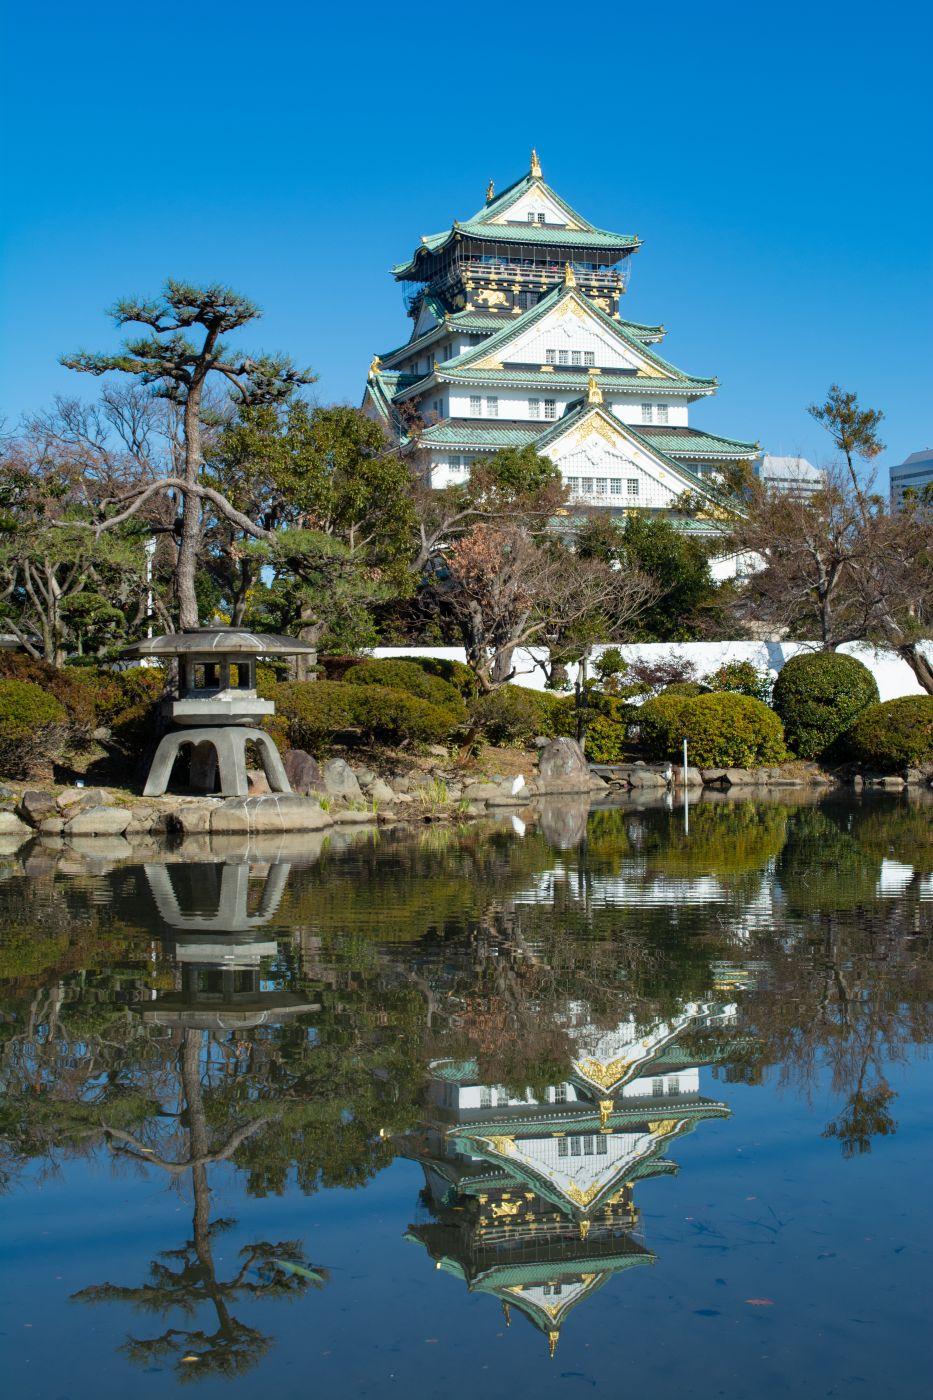 Zen garden shot of Osaka Castle, Japan